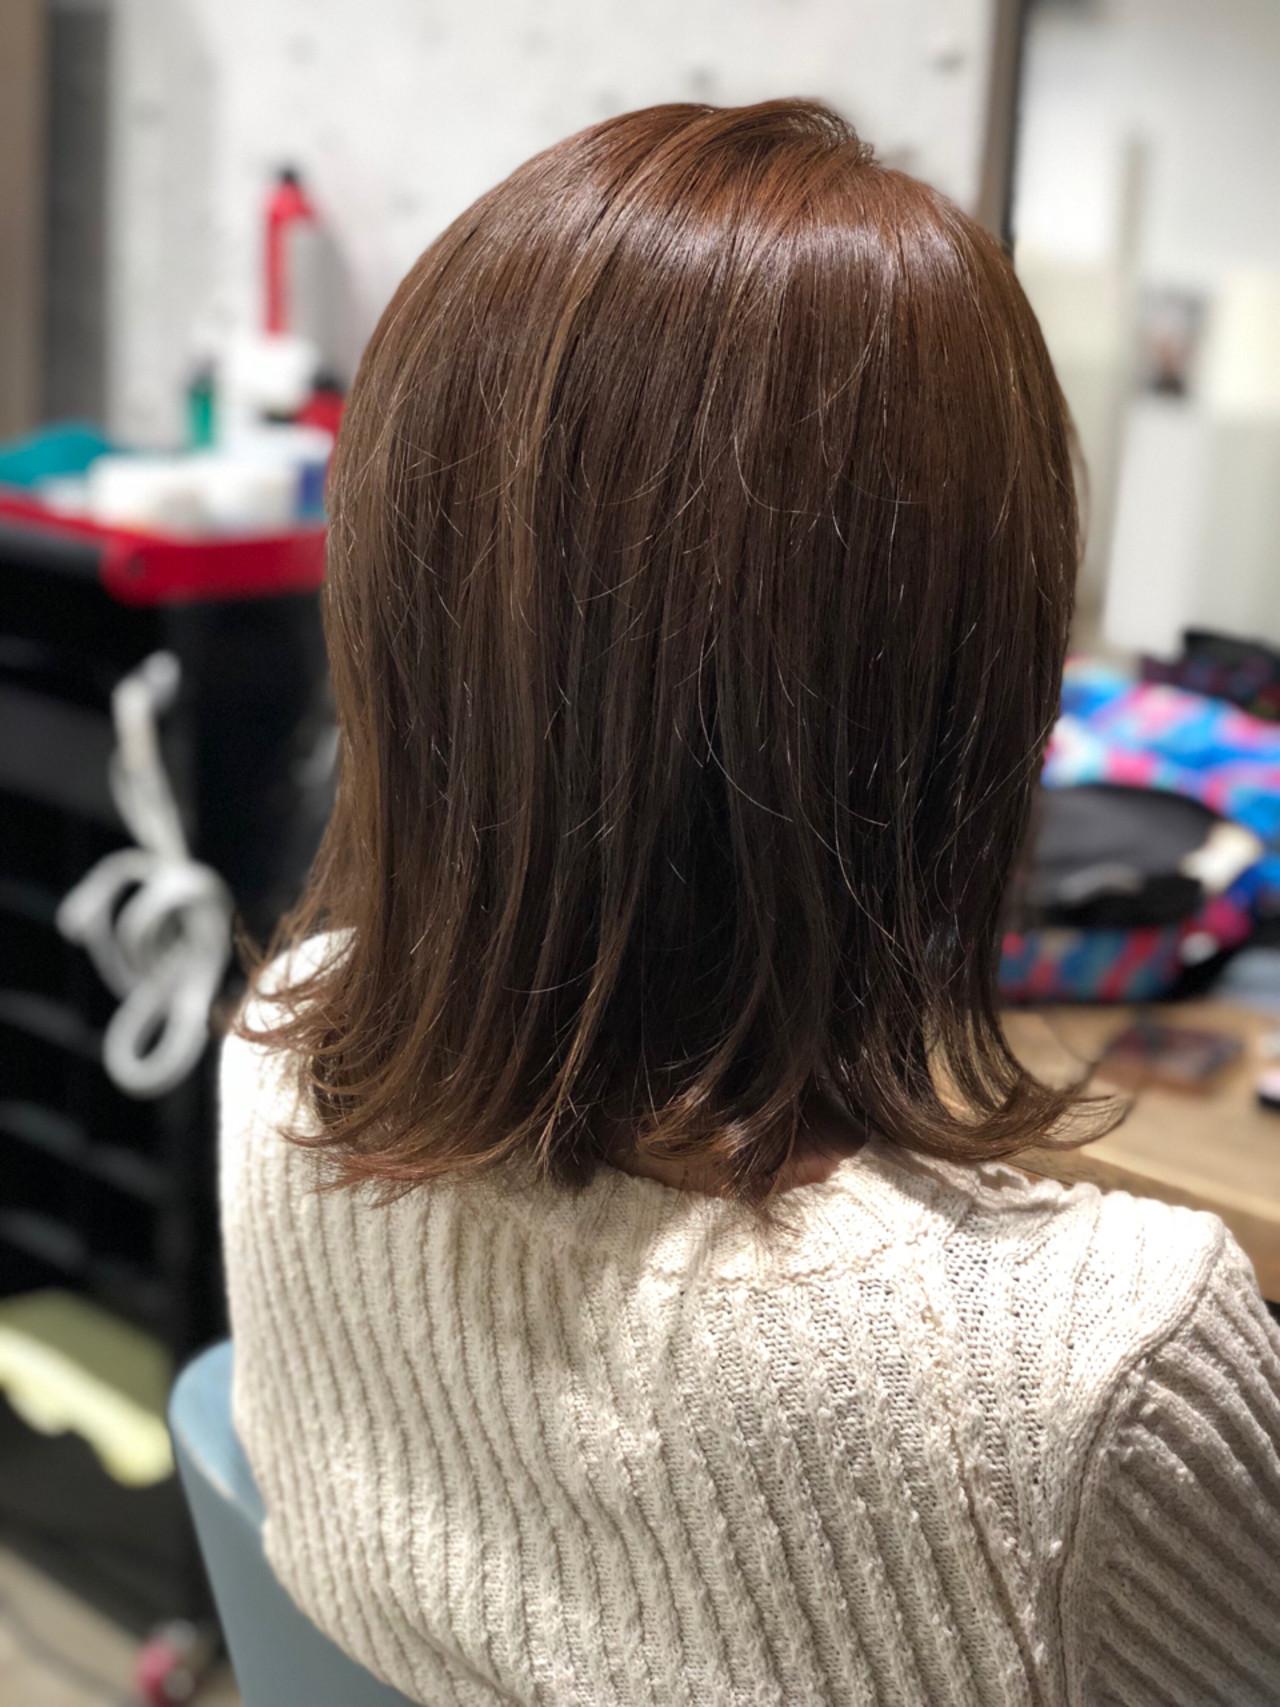 ミディアム アッシュ アッシュグレージュ グレージュ ヘアスタイルや髪型の写真・画像 | Garden Tokyo 河上 / Garden Tokyo